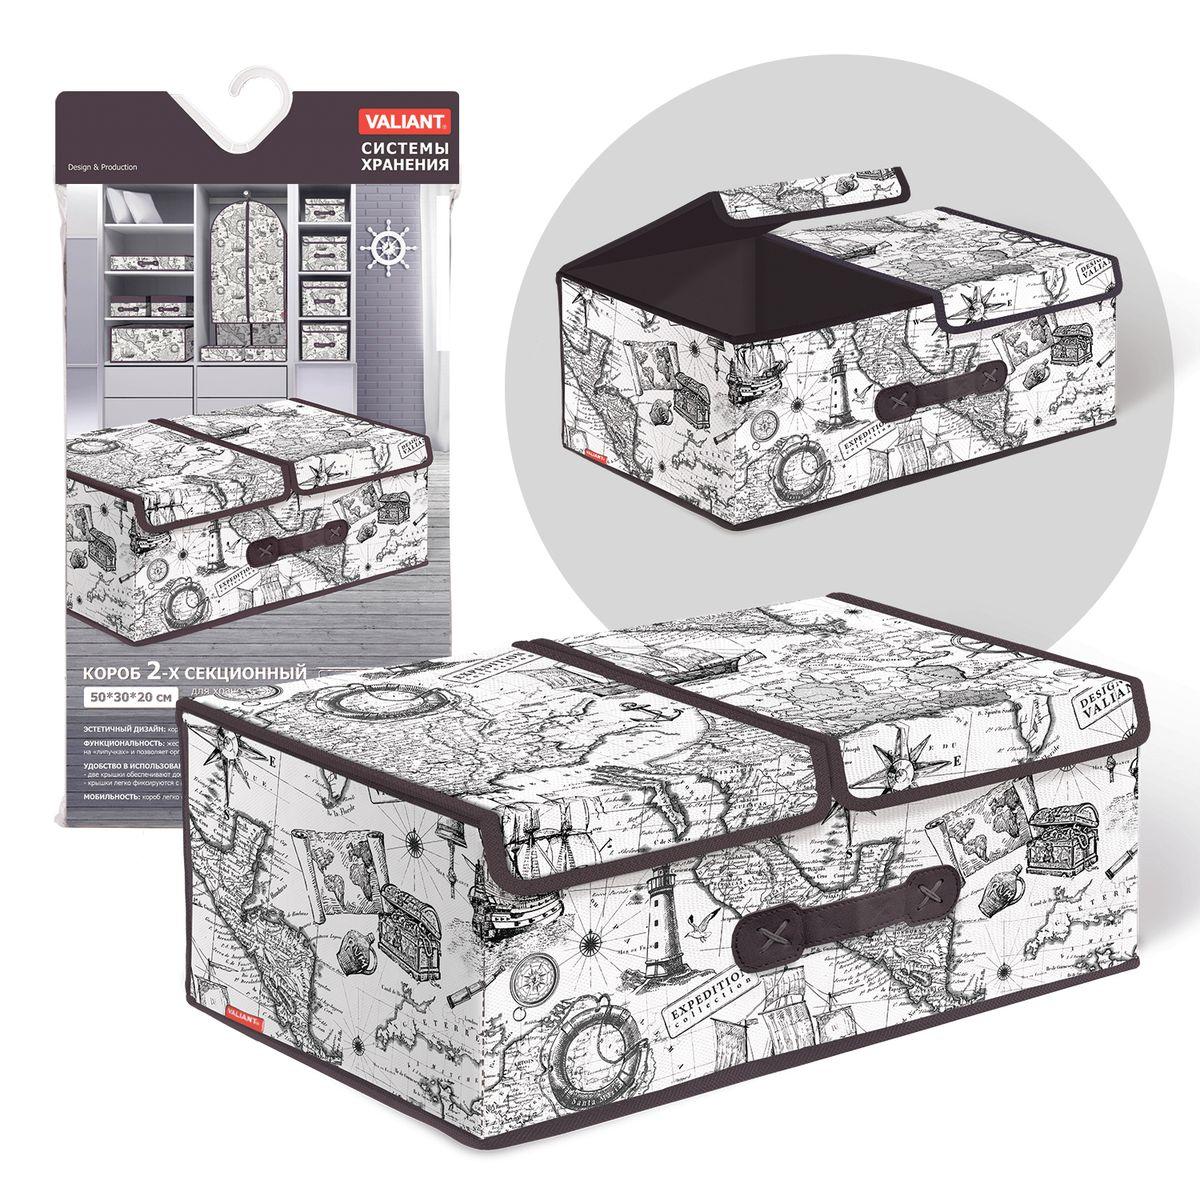 Короб стеллажный Valiant Expedition, двухсекционный, 50 х 30 х 20 смEX-BOX-L2